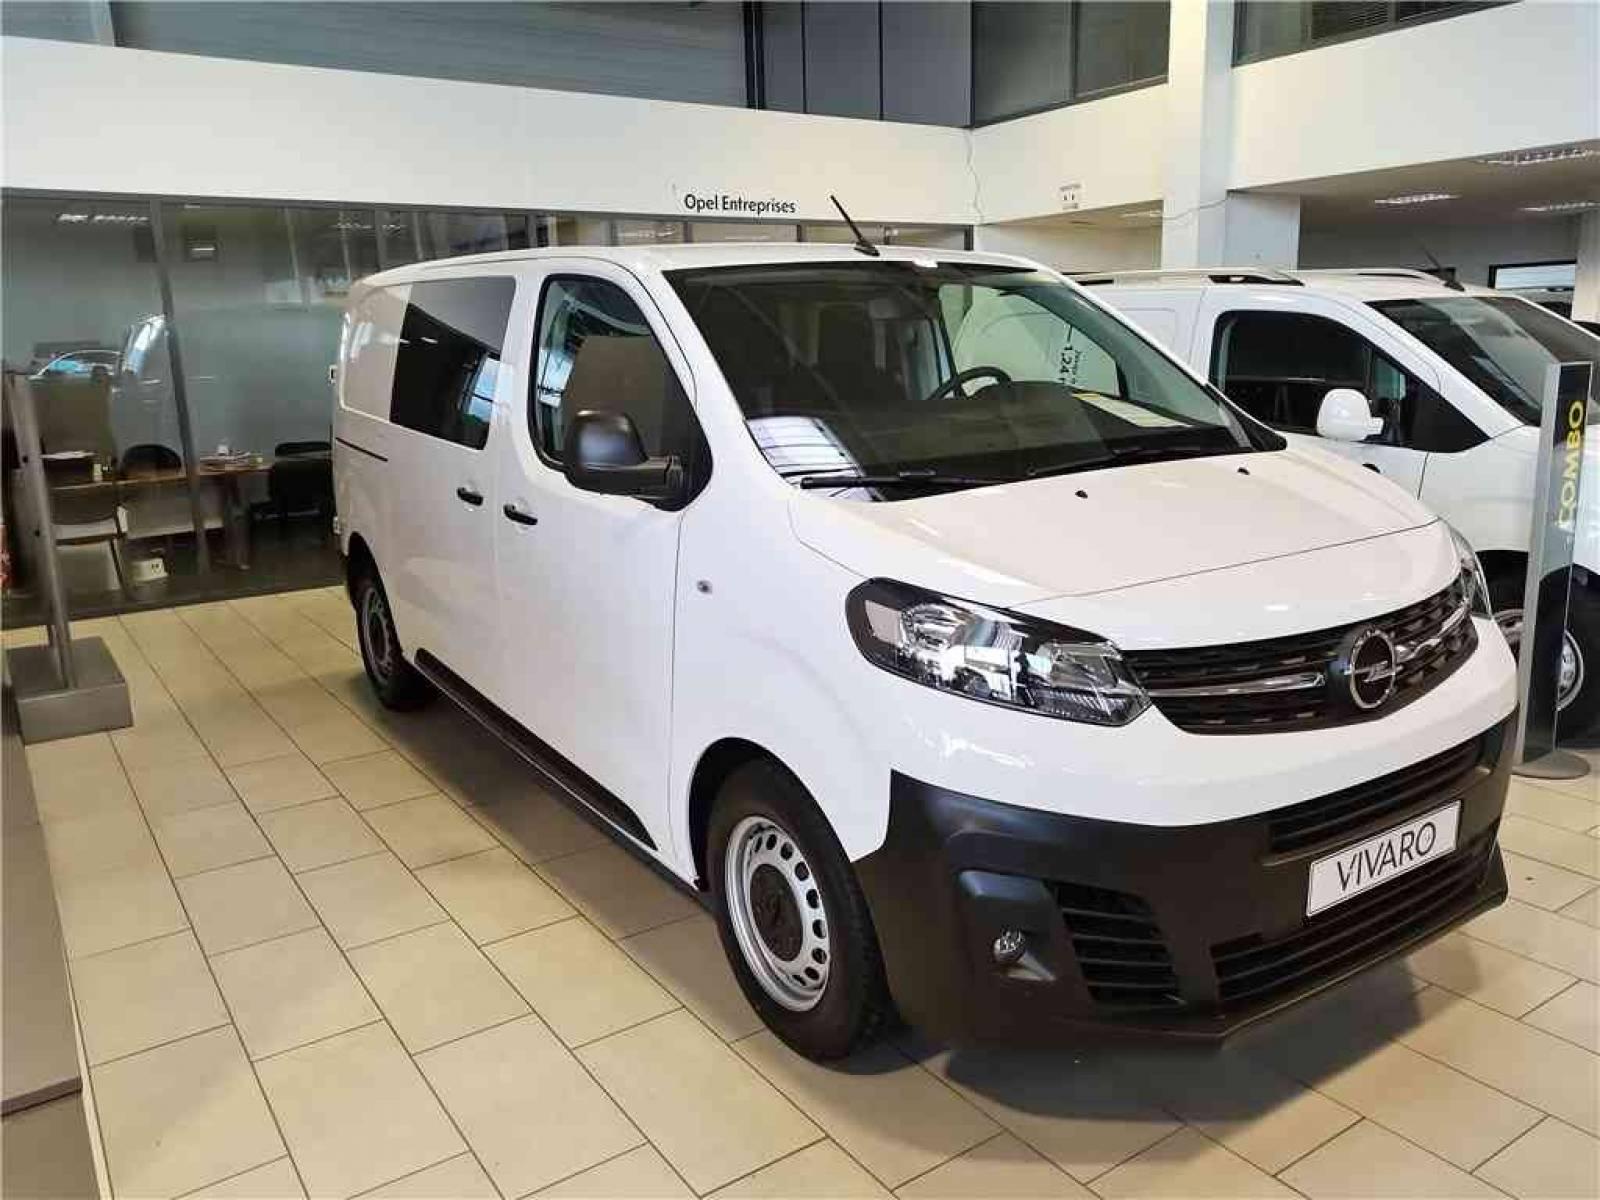 OPEL VIVARO CA FIXE L2 2.0 DIESEL 120 CH PTAC AUGMENTE - véhicule d'occasion - Groupe Guillet - Opel Magicauto - Chalon-sur-Saône - 71380 - Saint-Marcel - 3